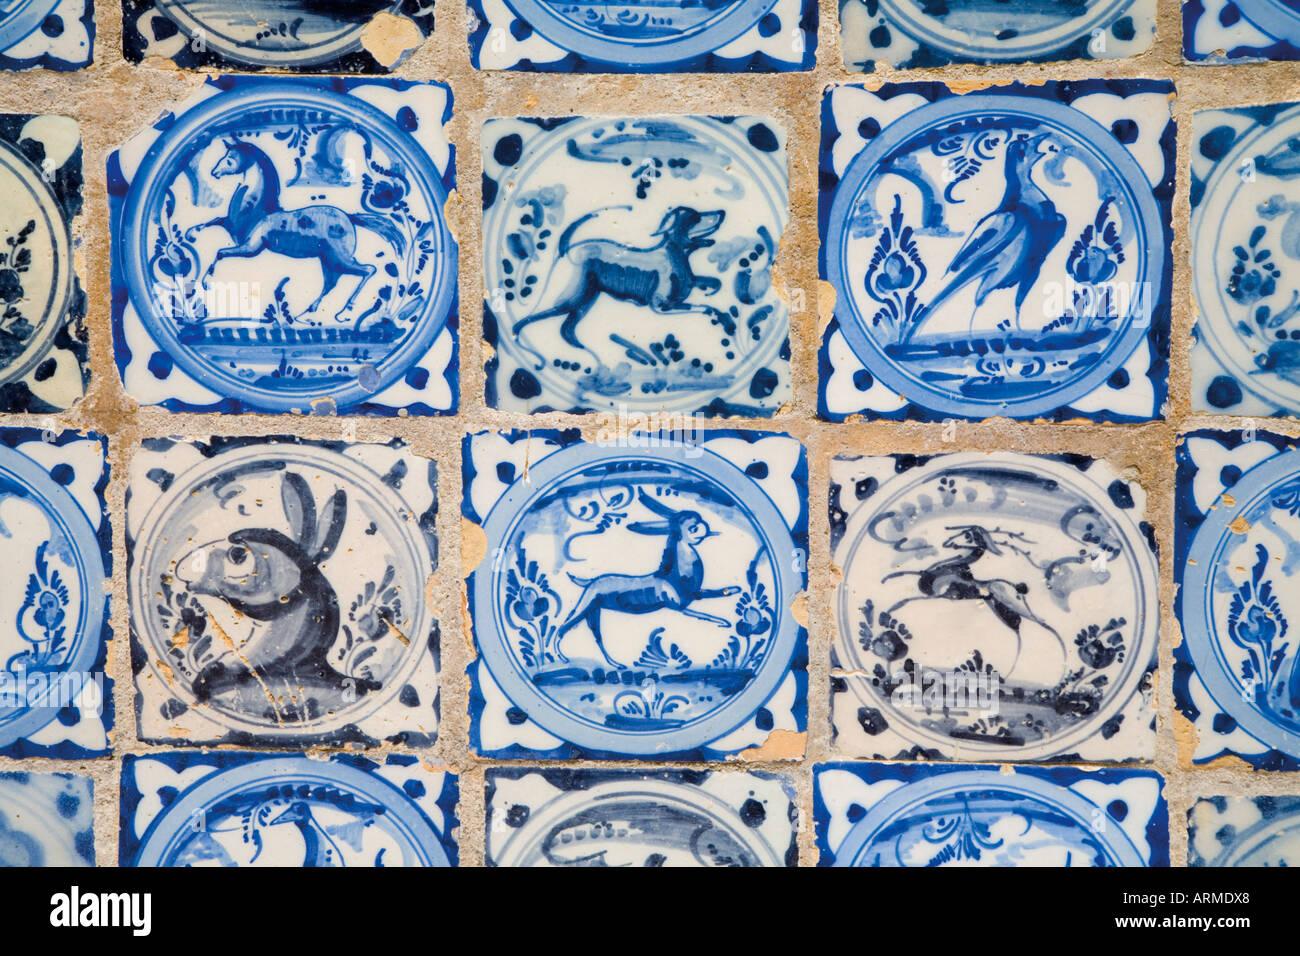 Siviglia spagna real alcazar di piastrelle ceramiche con animali e